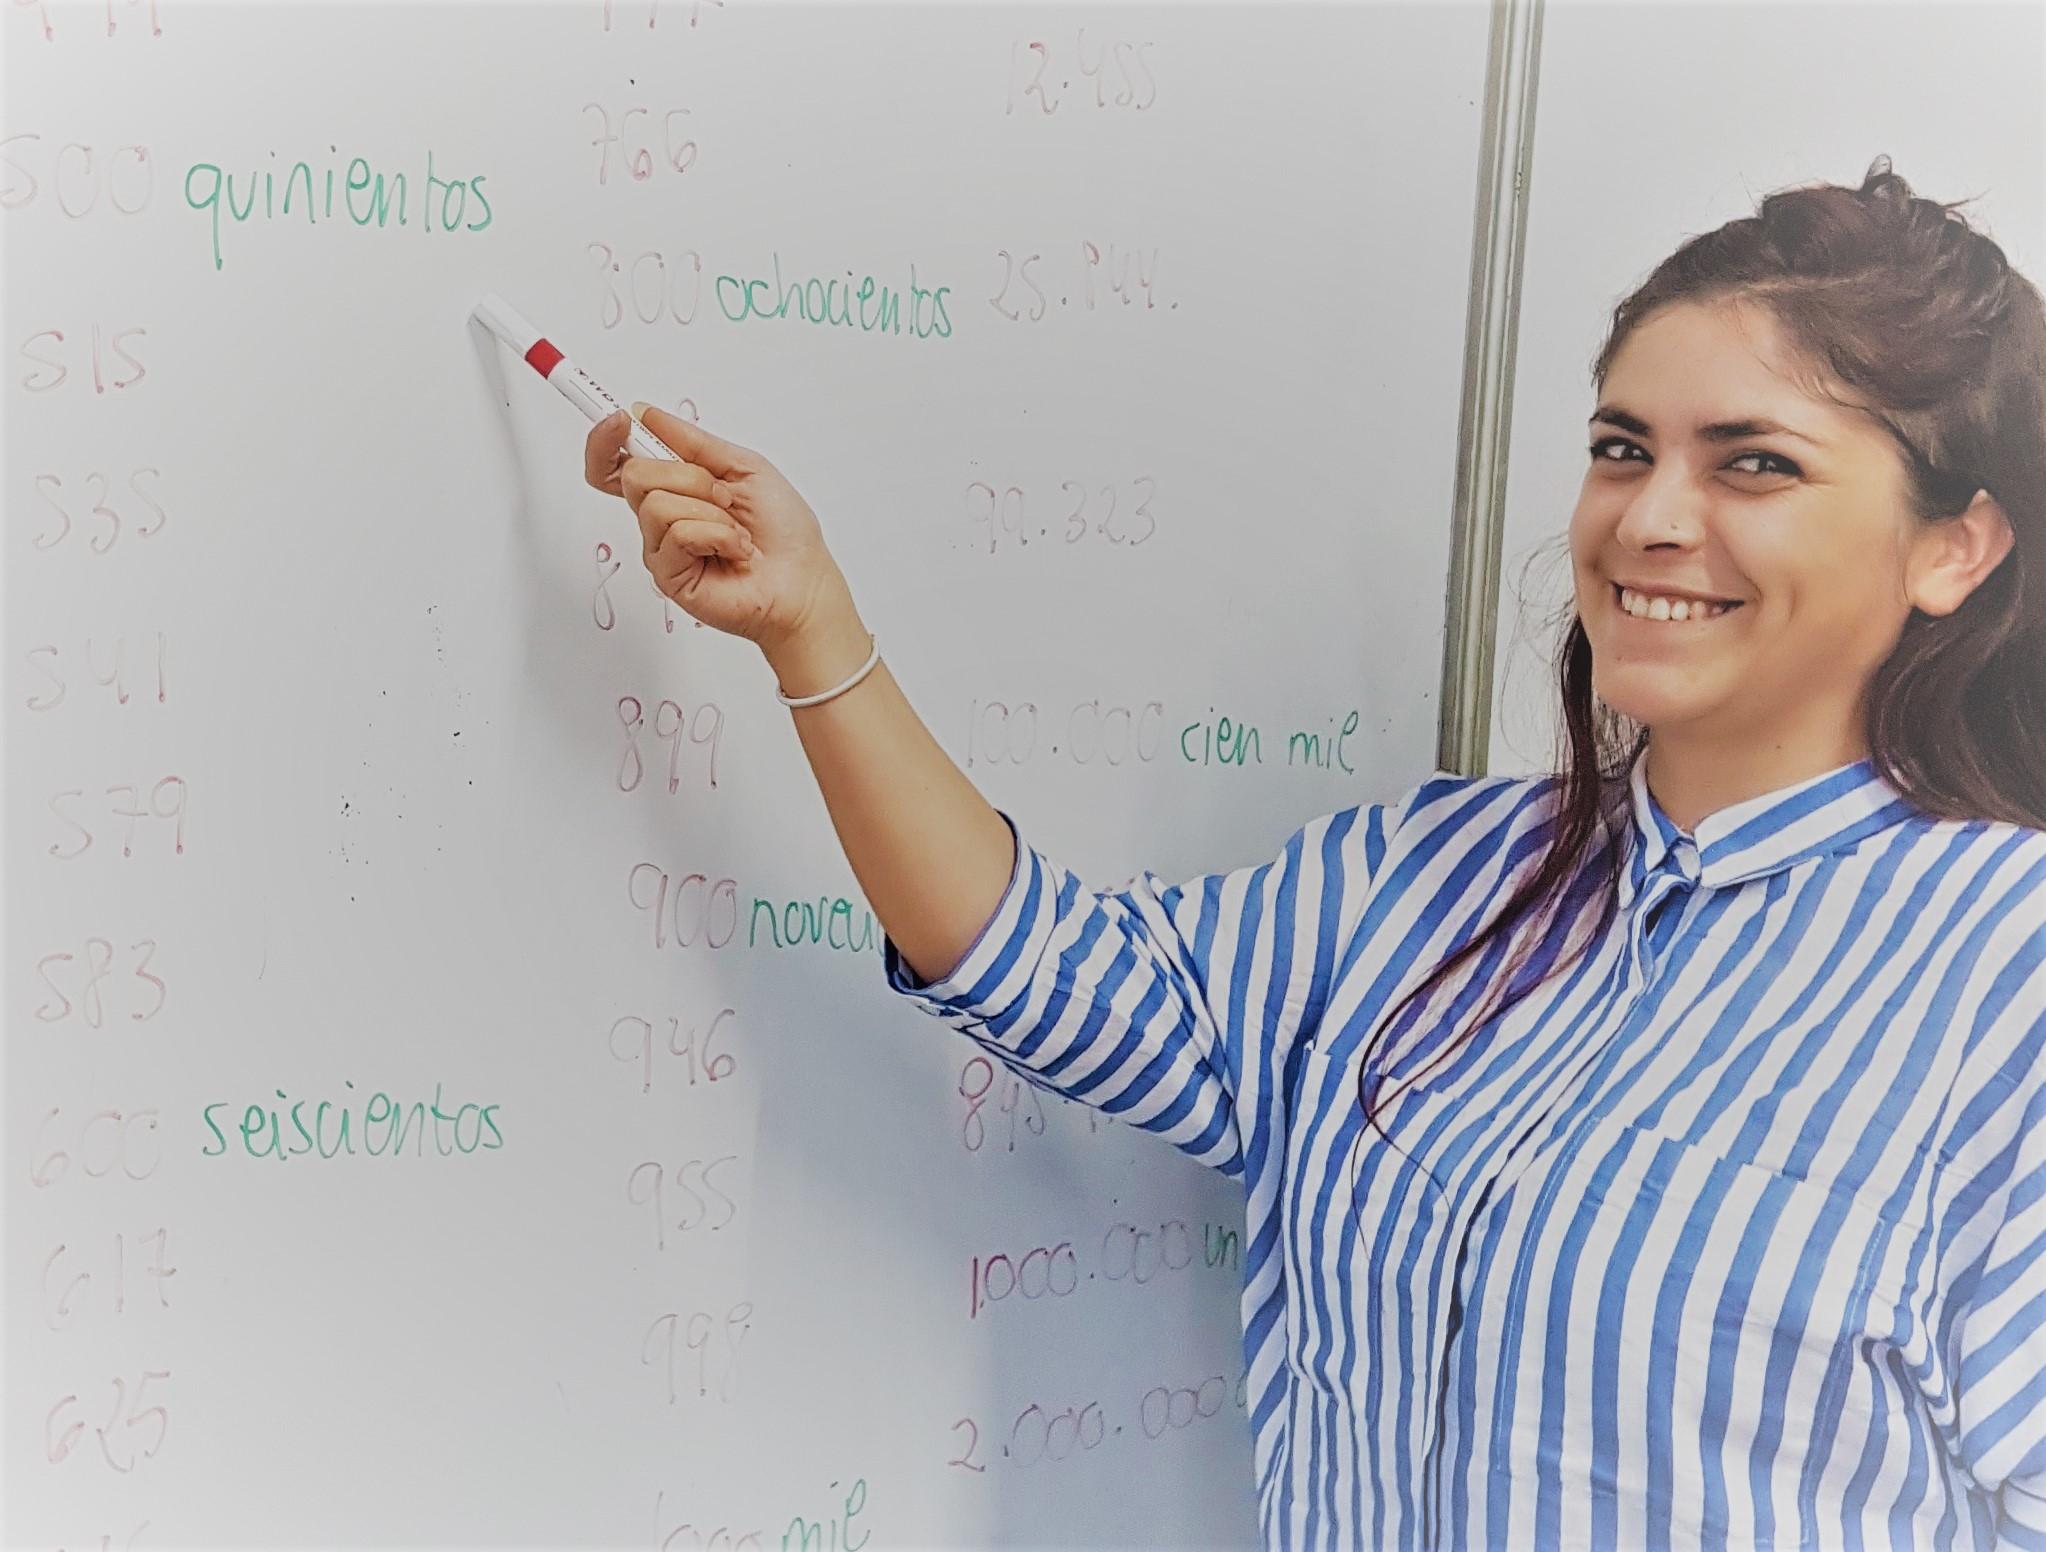 Spanish teacher Irene